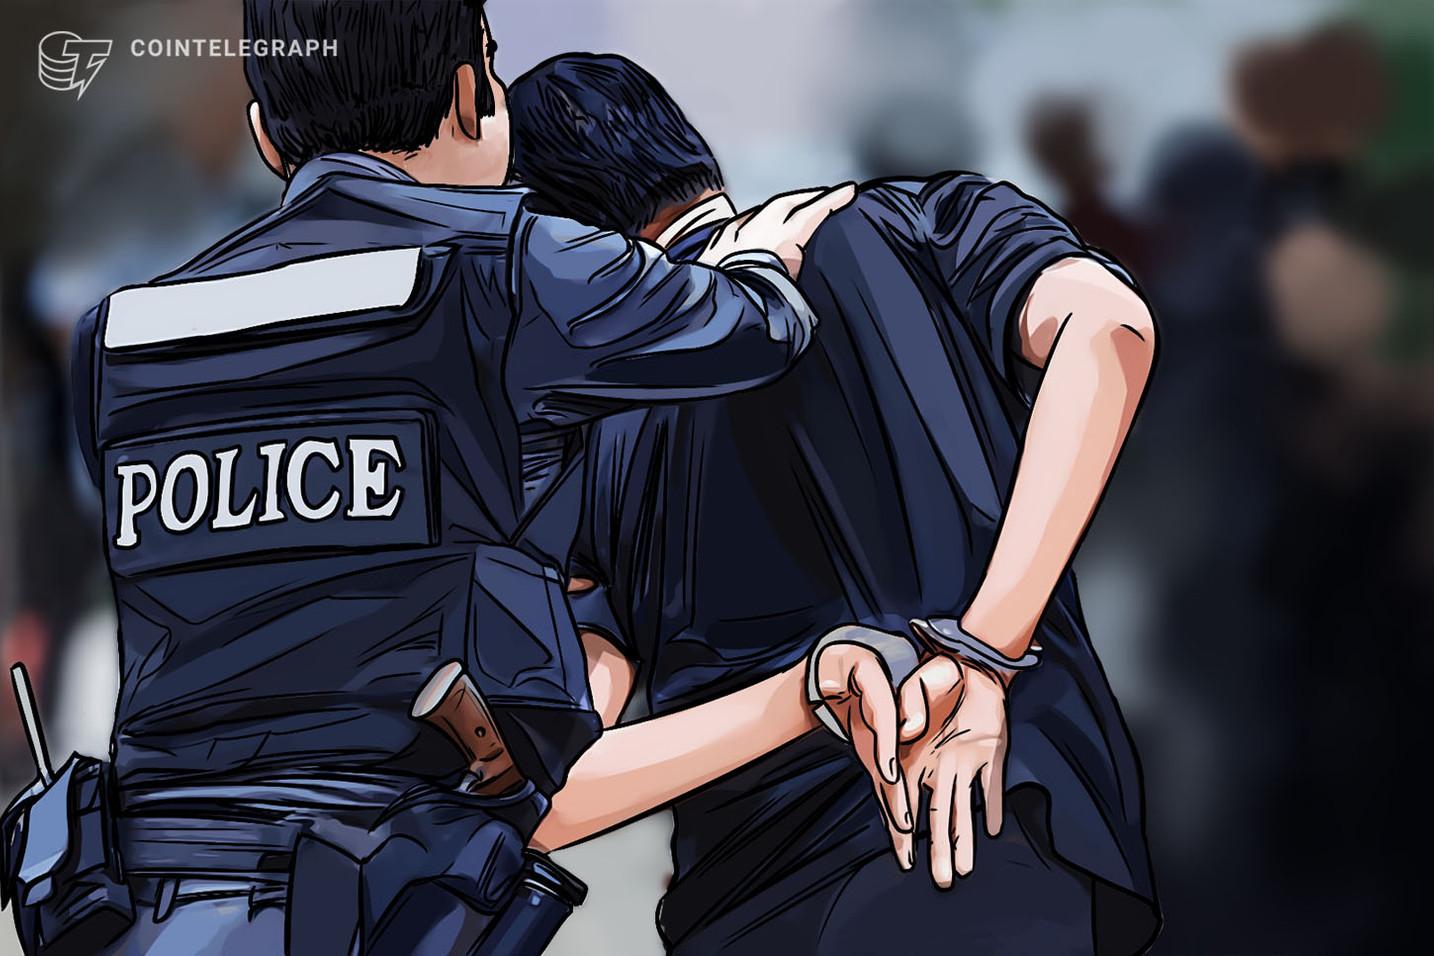 Бывший сопровождающий Monero арестован в США по обвинениям, не связанным с криптовалютой